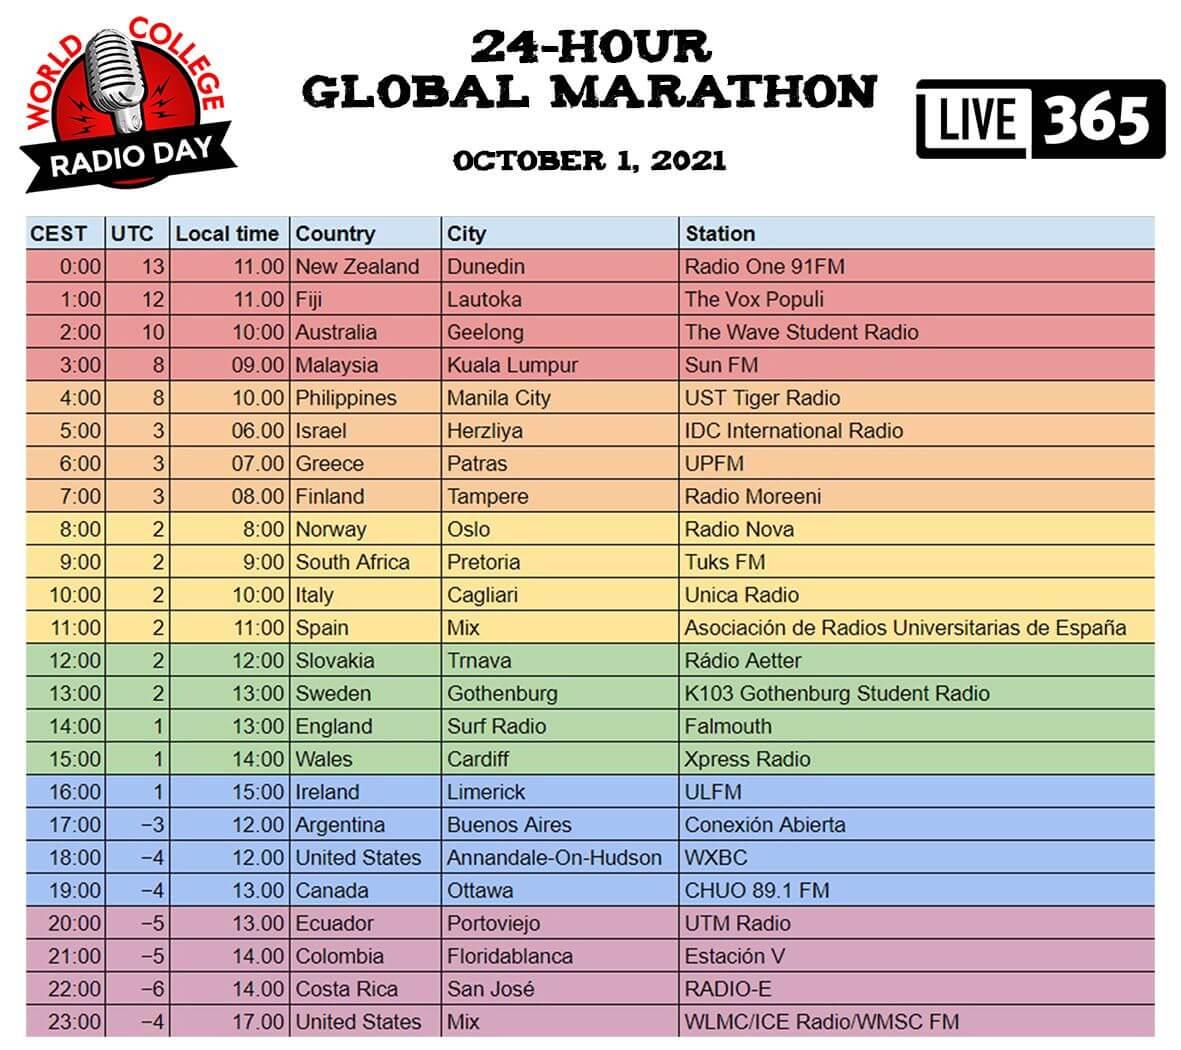 WCRD21 marathon schedule